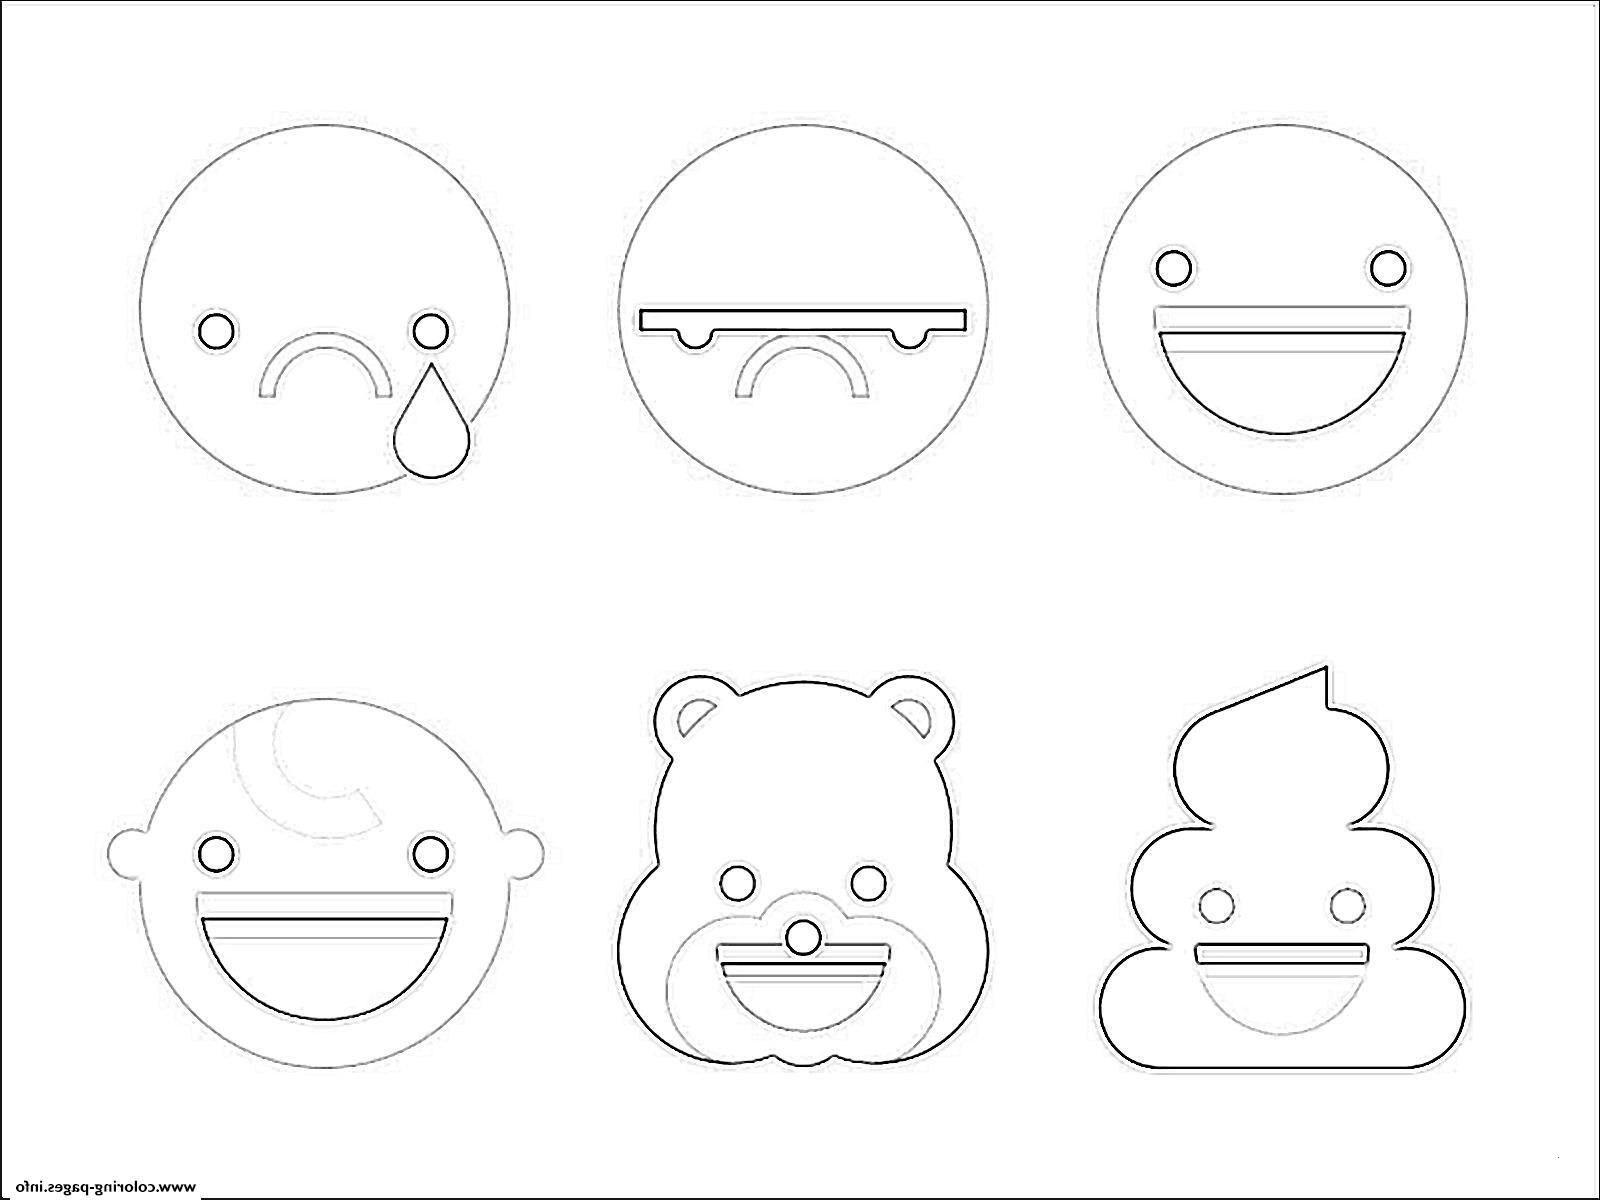 Ausmalbilder Emojis Unicorn Genial 30 Schön Einhorn Emoji Ausmalbilder – Malvorlagen Ideen Fotografieren